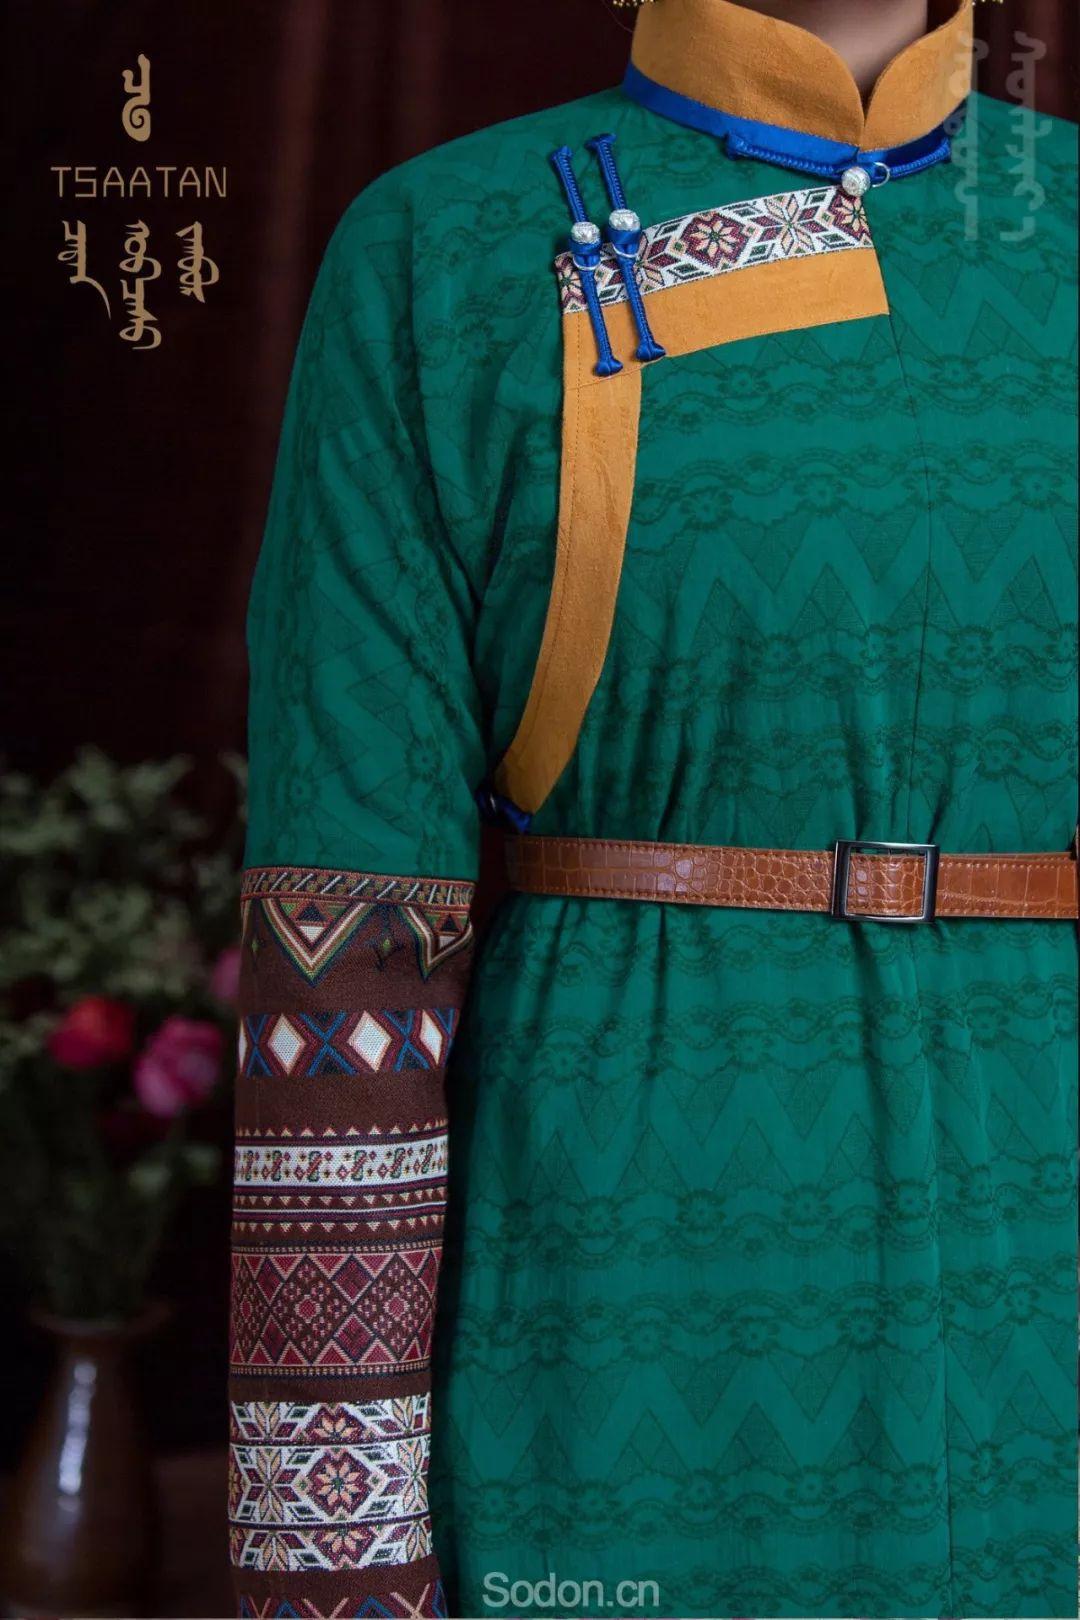 TSAATAN蒙古时装秋冬系列,来自驯鹿人的独特魅力! 第53张 TSAATAN蒙古时装秋冬系列,来自驯鹿人的独特魅力! 蒙古服饰